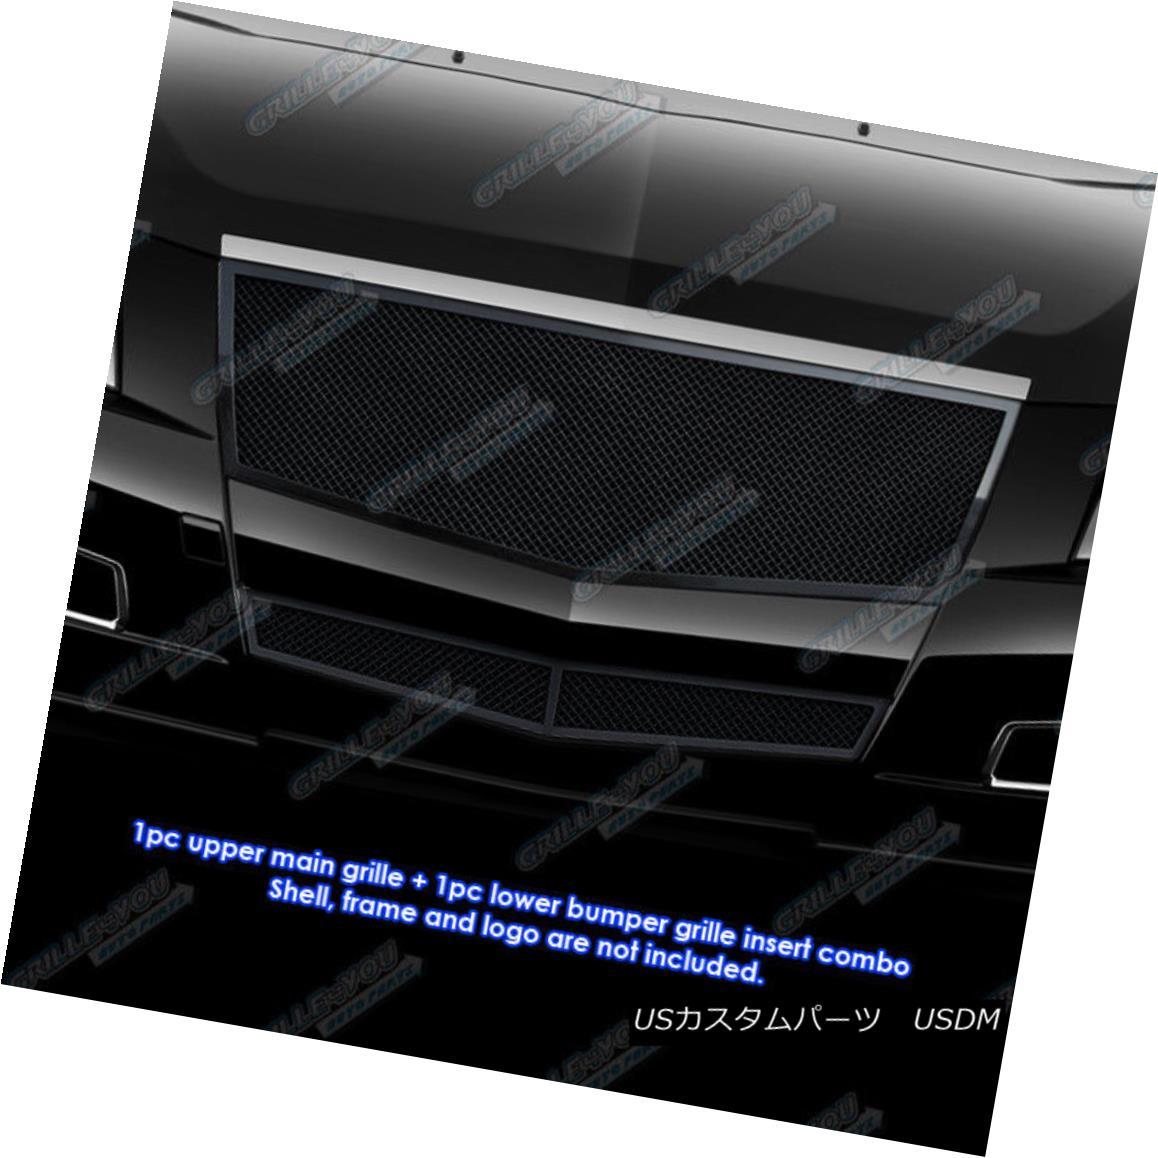 グリル Custom Fits 2008-2013 Cadillac CTS Black Stainless Steel Mesh Grill Combo カスタムフィット2008-2013キャデラックCTSブラックステンレスメッシュグリルコンボ